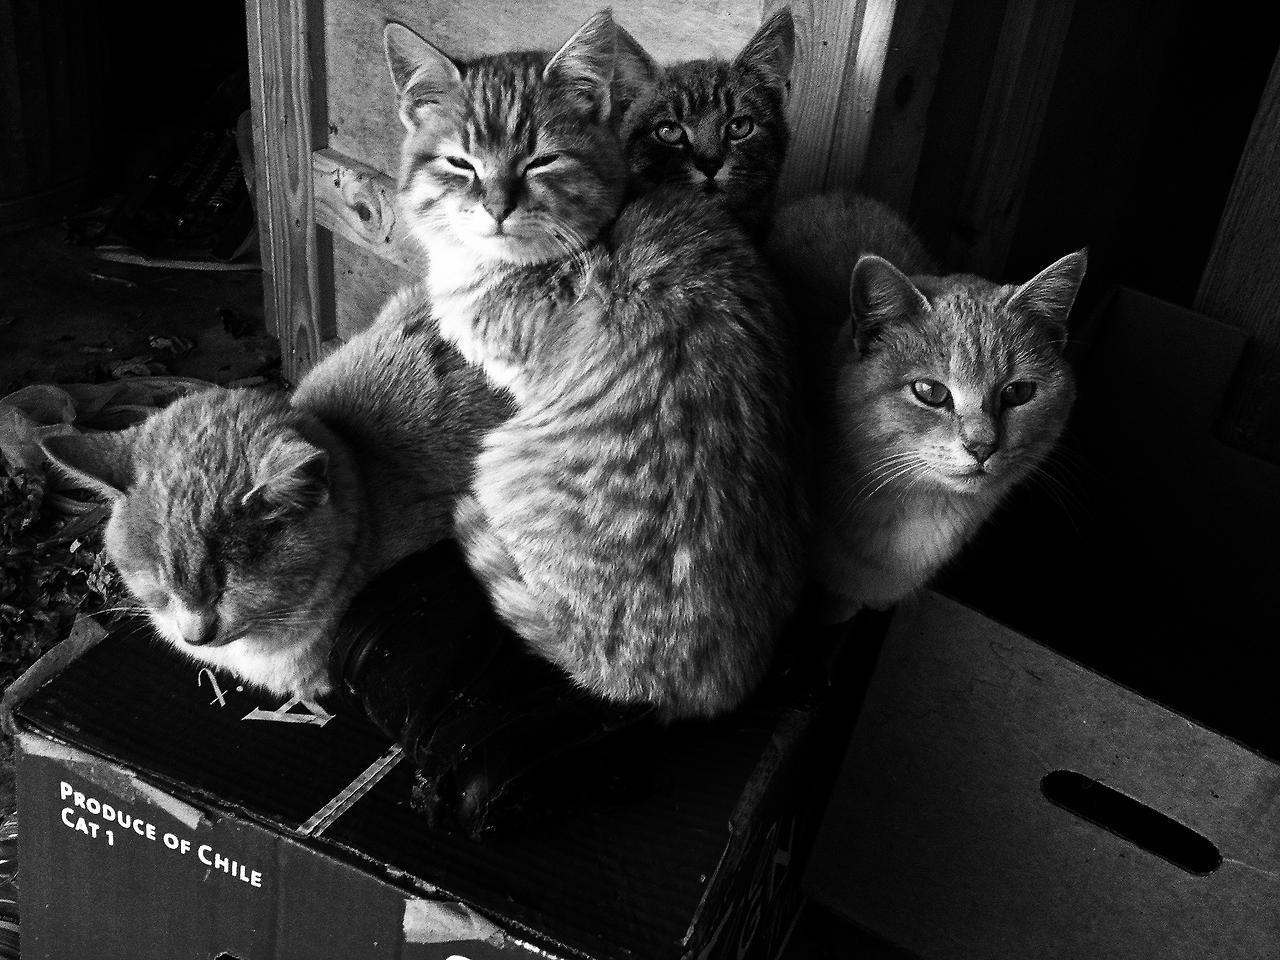 Коты. Произведено в Чили